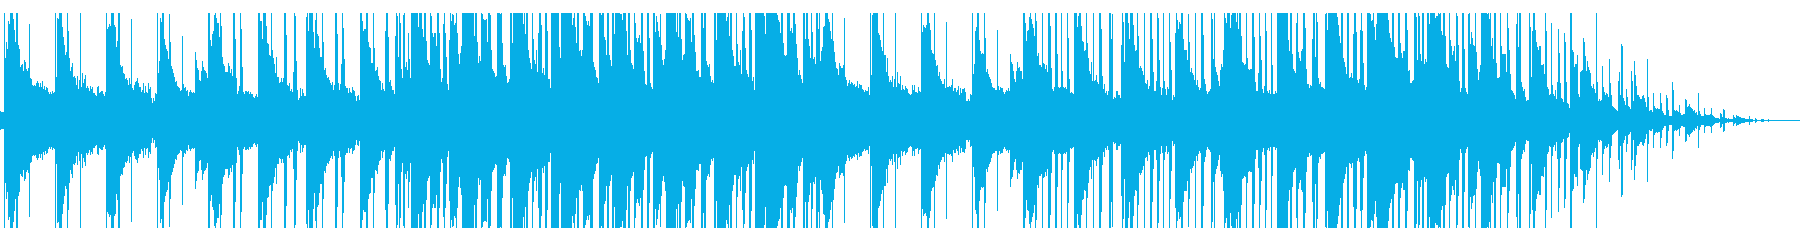 都会/ヒップホップ_No397の再生済みの波形